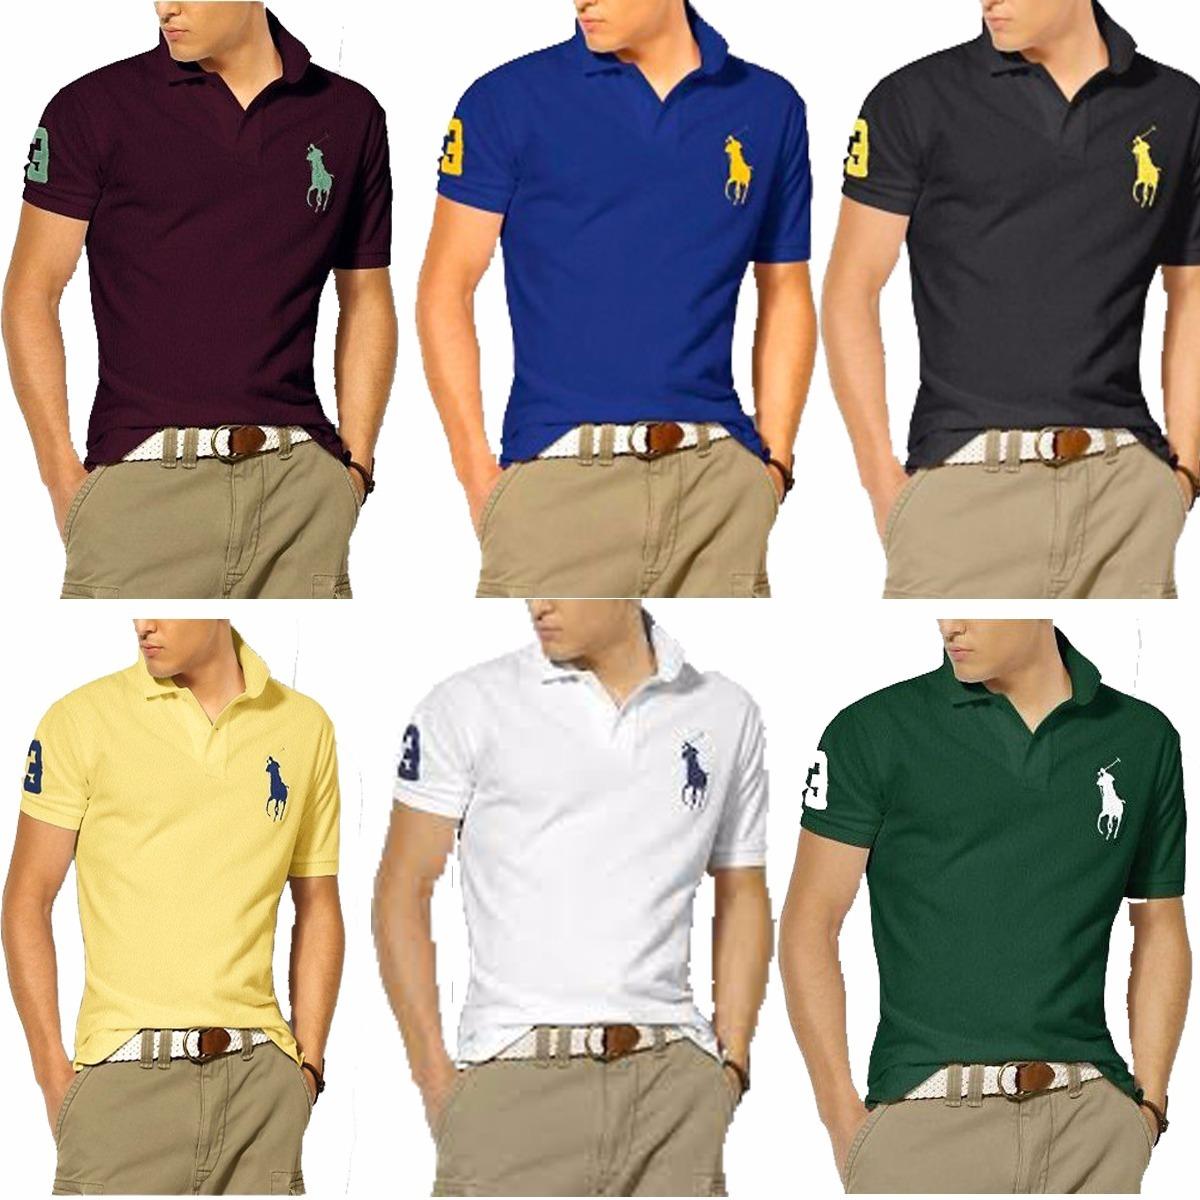 Kit 04 Camisas Camisetas Revenda Gola Polo Masculina Atacado - R  78 ... 0572d49e75912